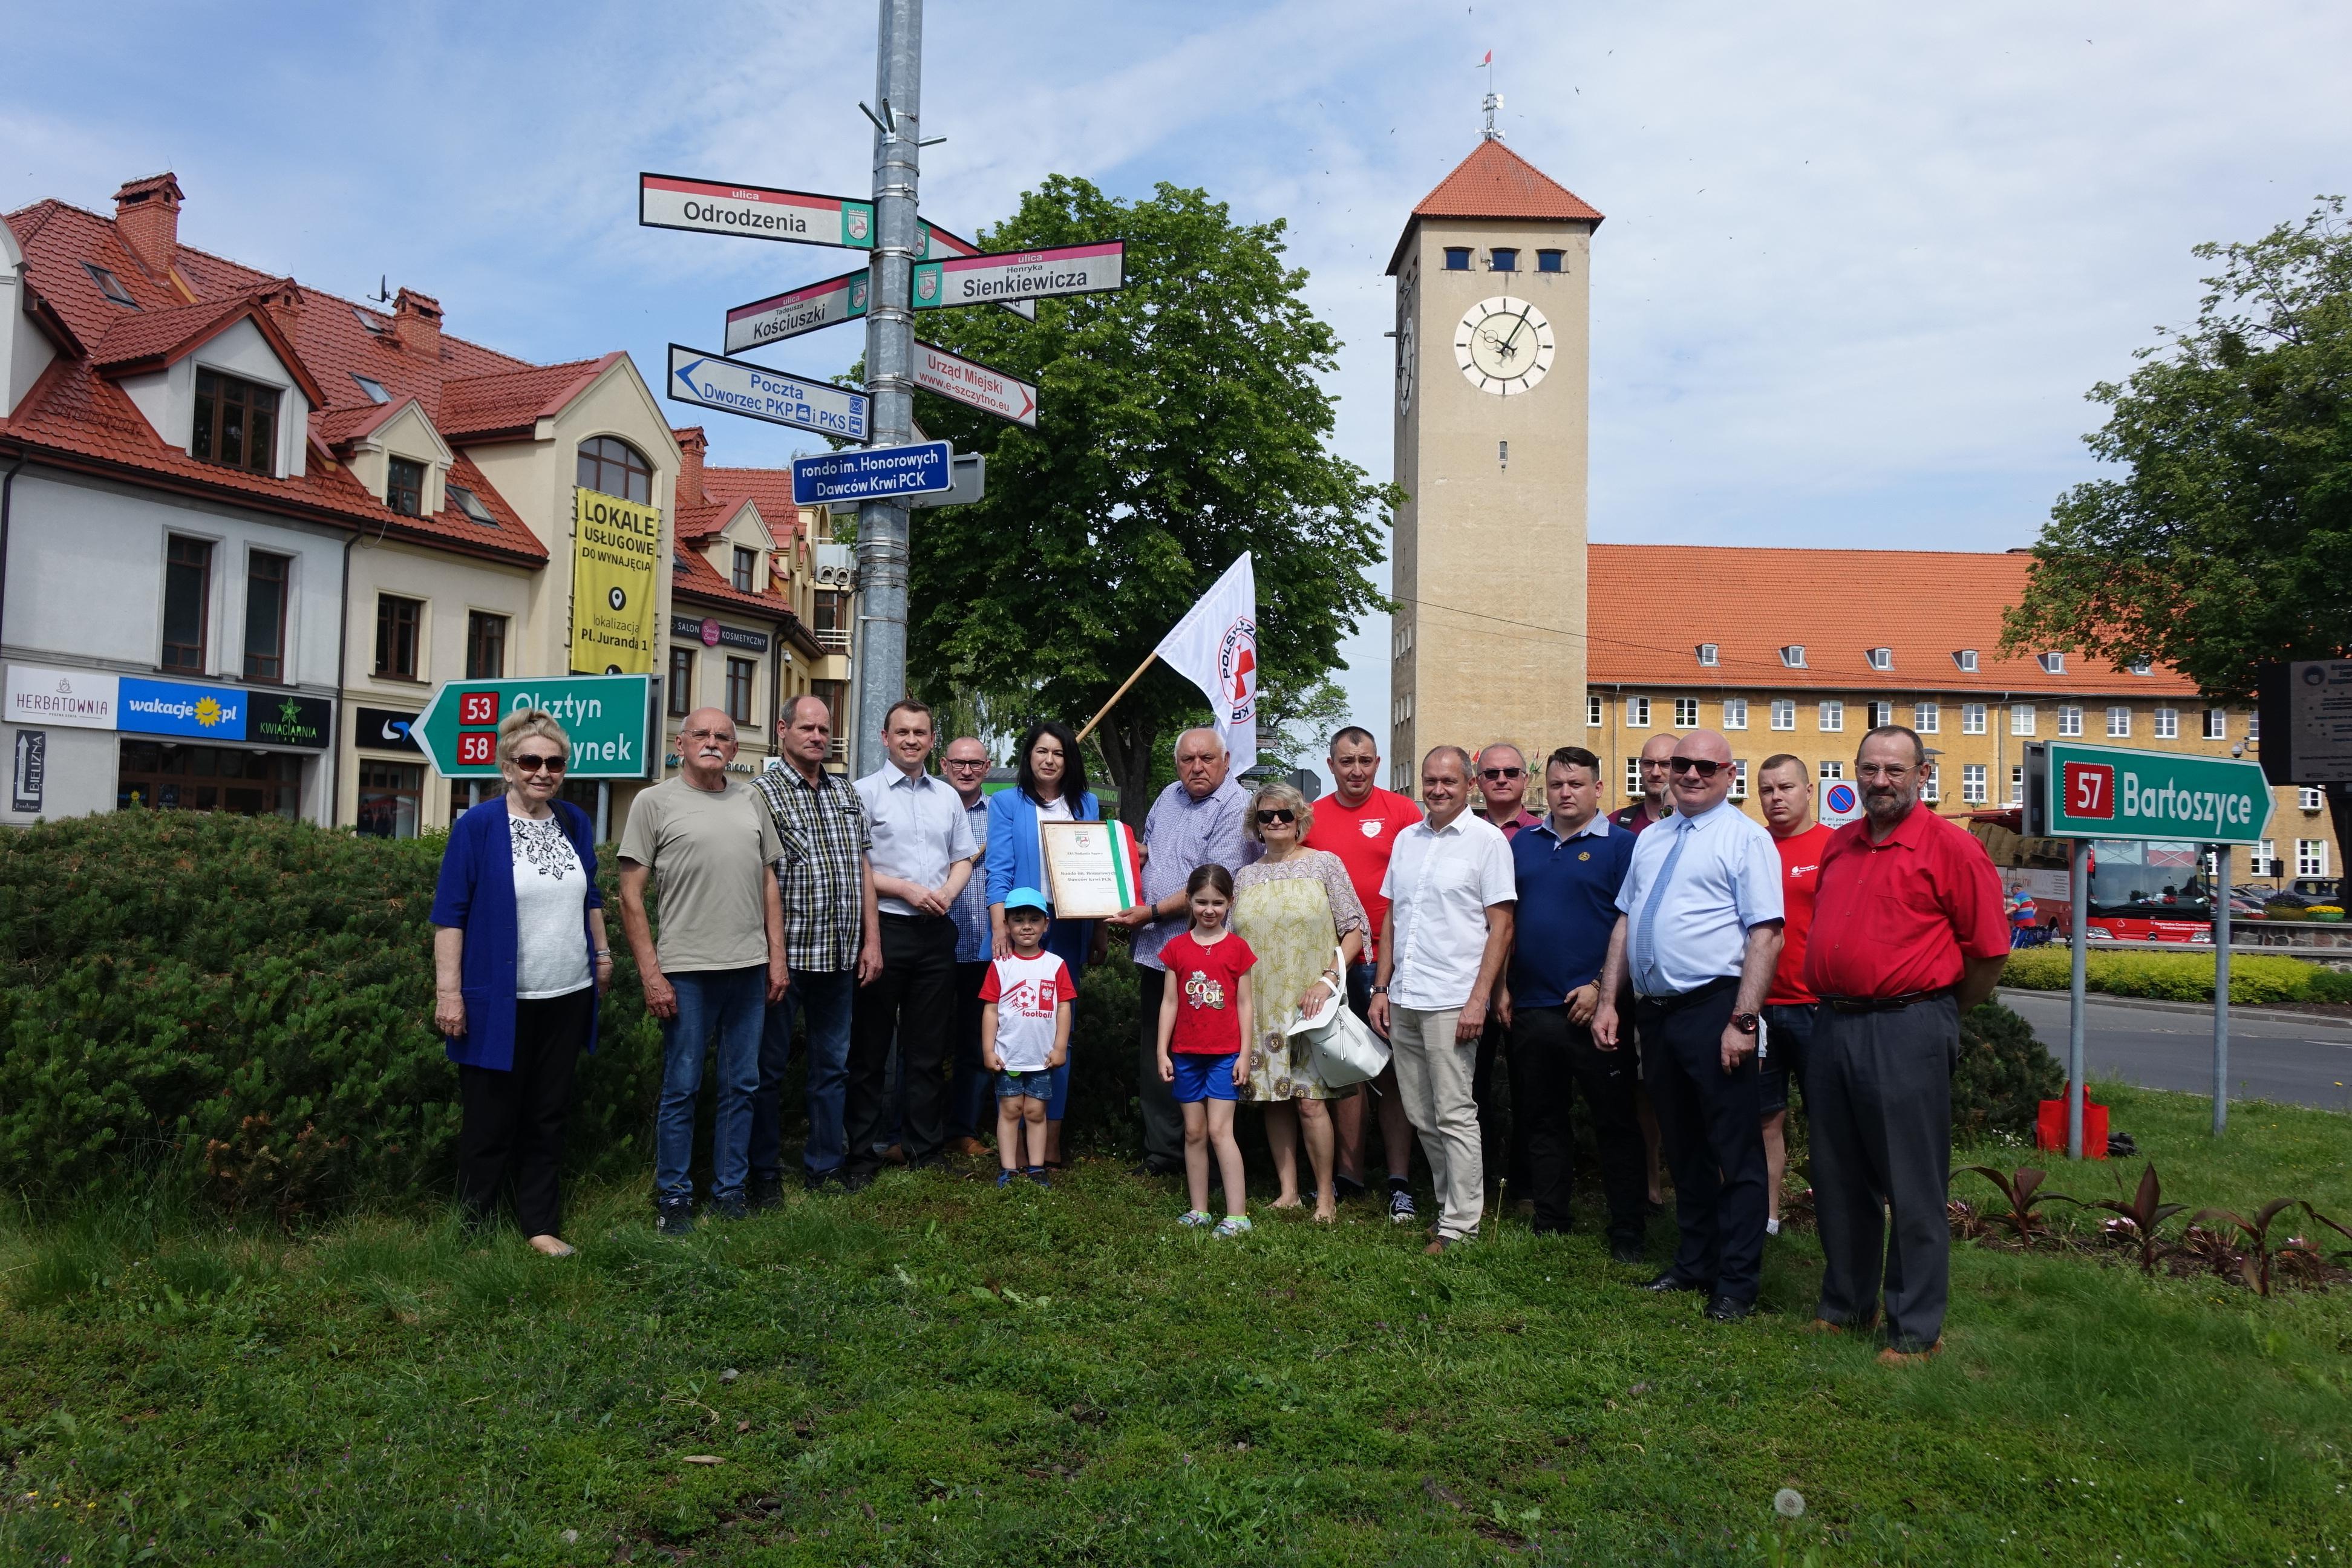 https://m.powiatszczycienski.pl/2020/06/orig/1-32359.jpg